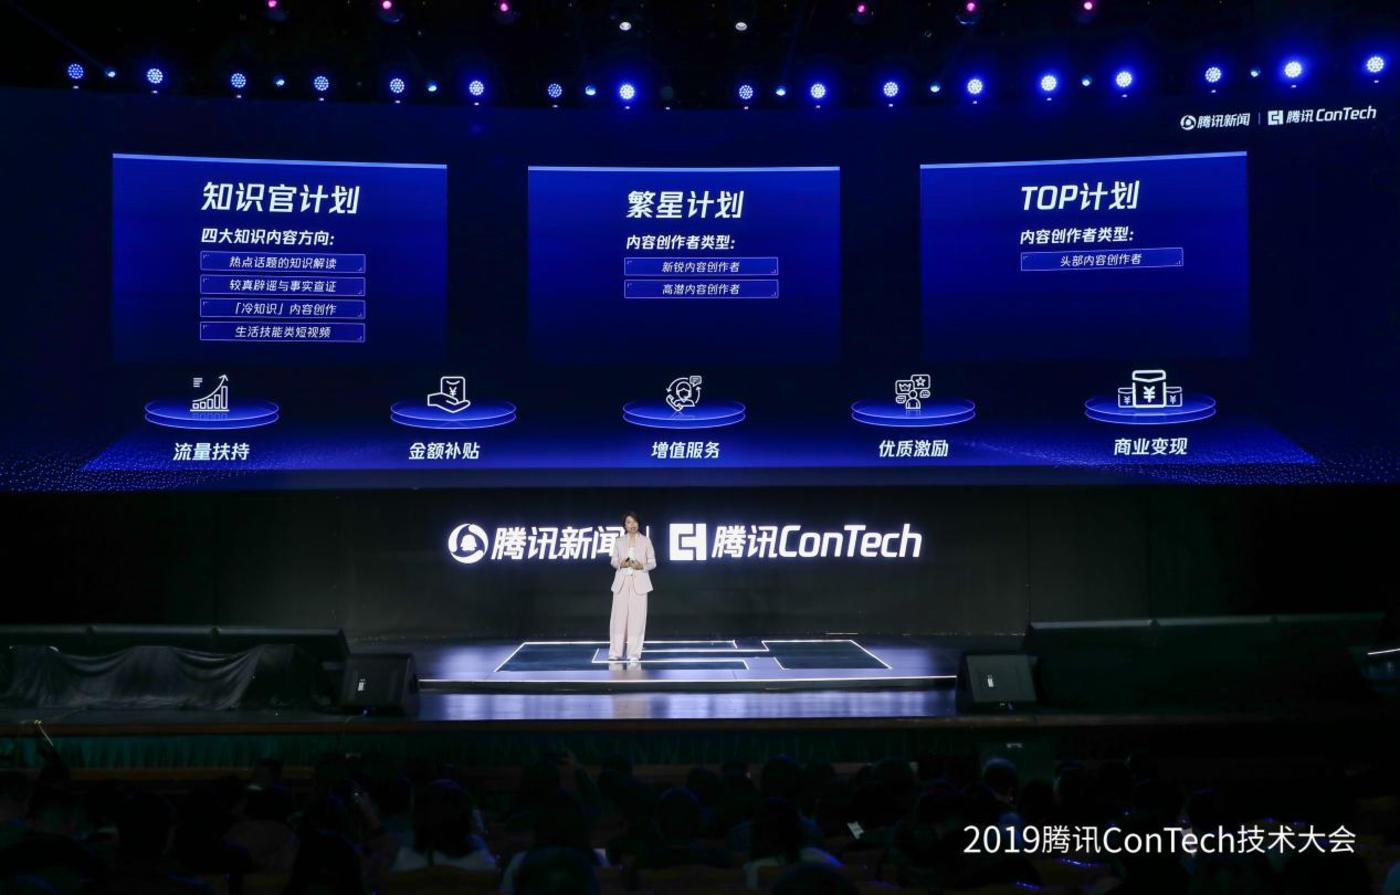 http://www.weixinrensheng.com/kejika/1197185.html